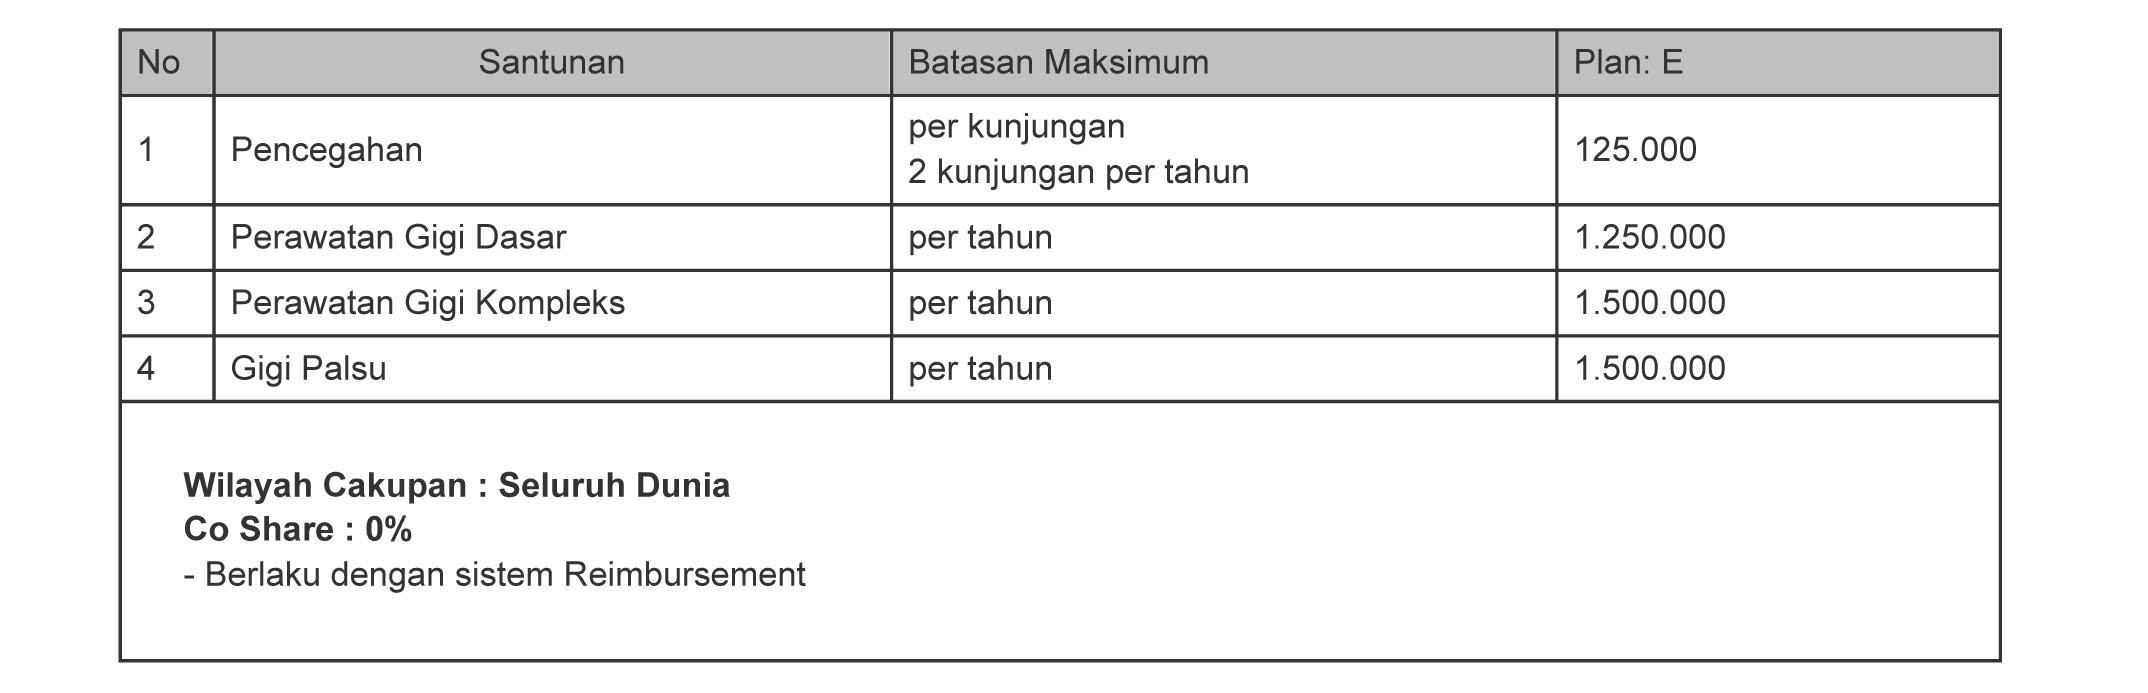 Tabel Manfaat Asuransi Rawat Gigi Smarthealth Maxi Violet atau Allisya Care Plan E